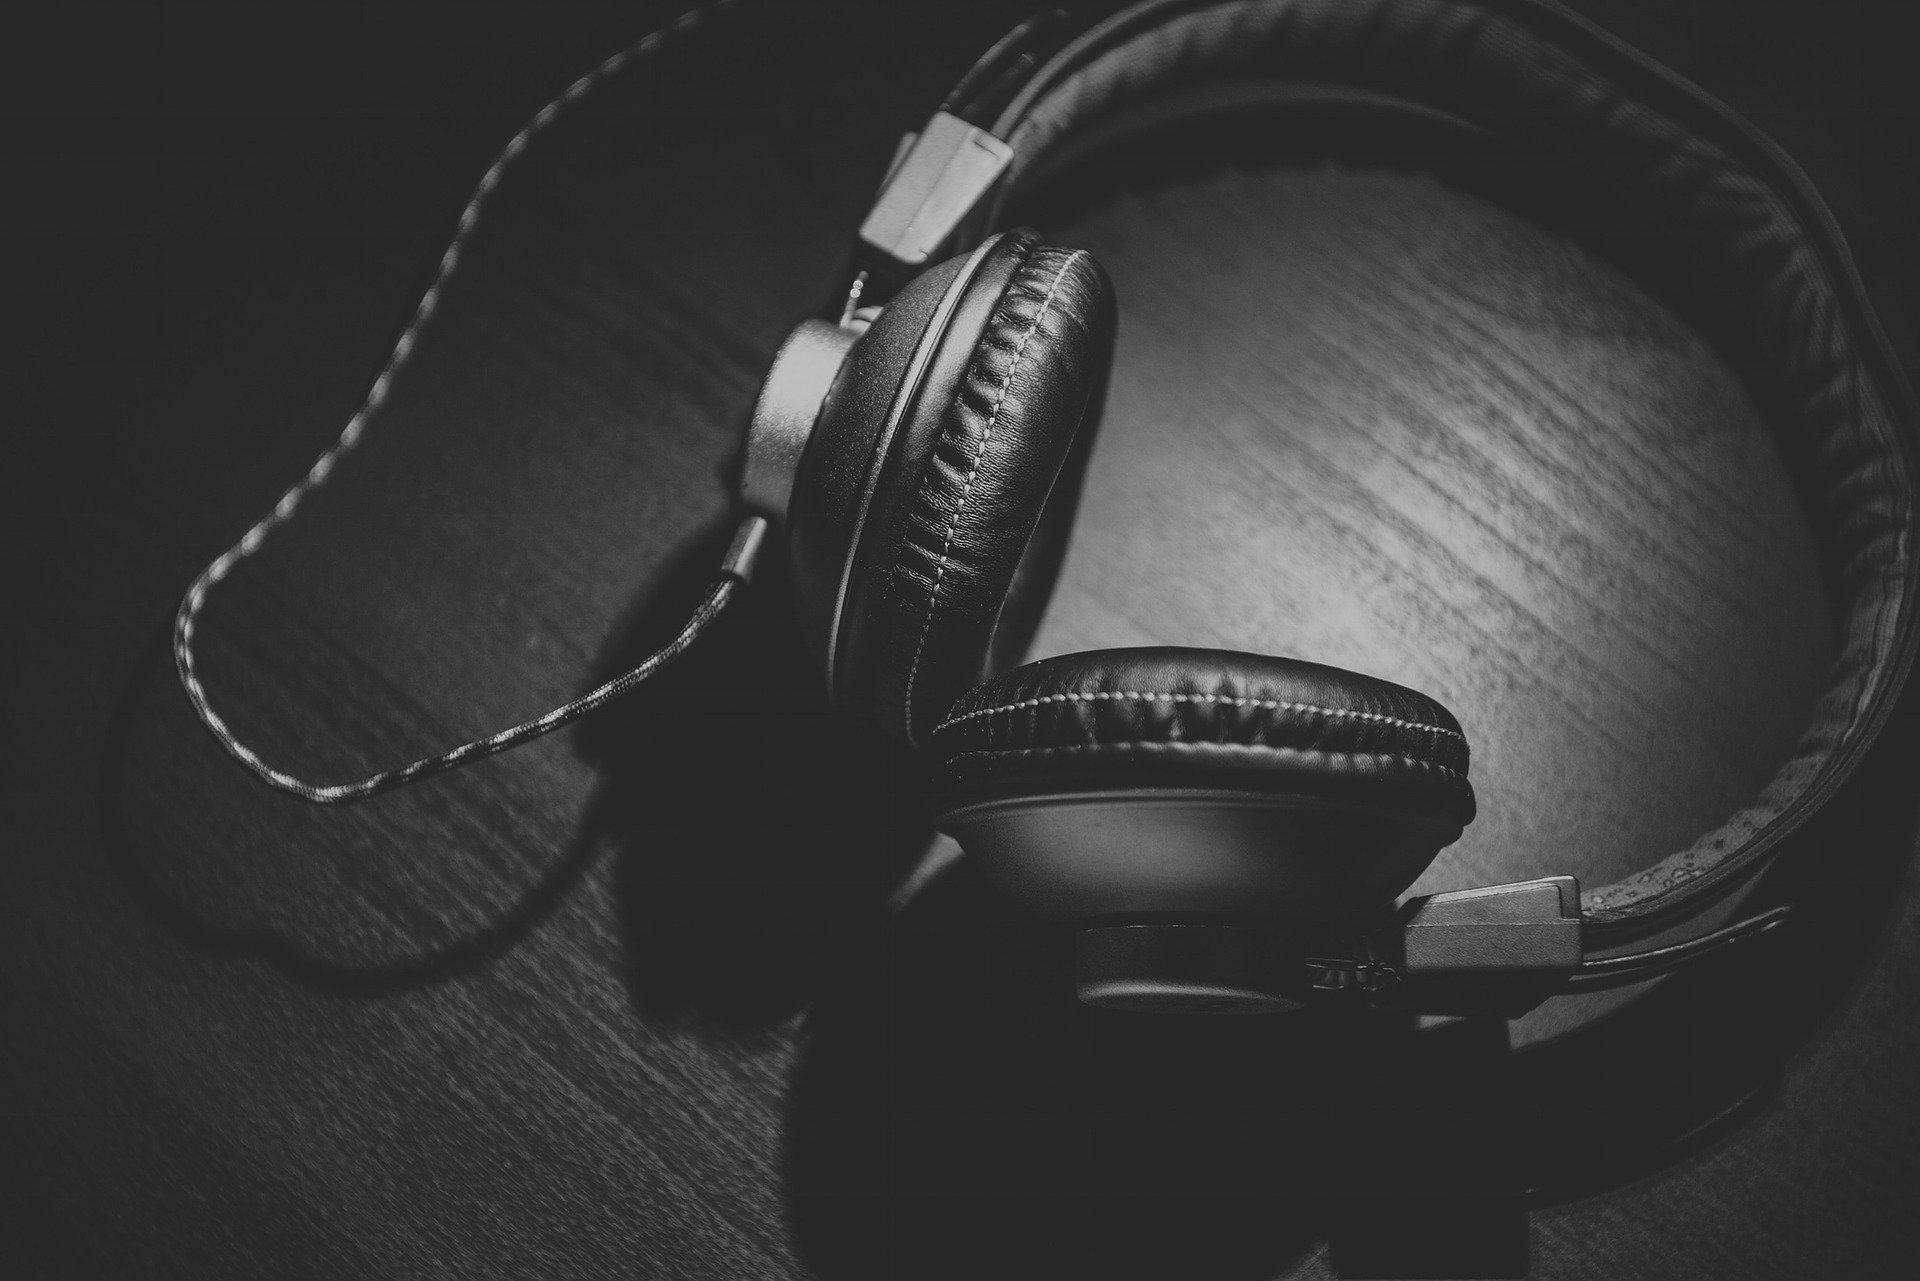 DOLIU în lumea muzicală! Un DJ celebru A MURIT